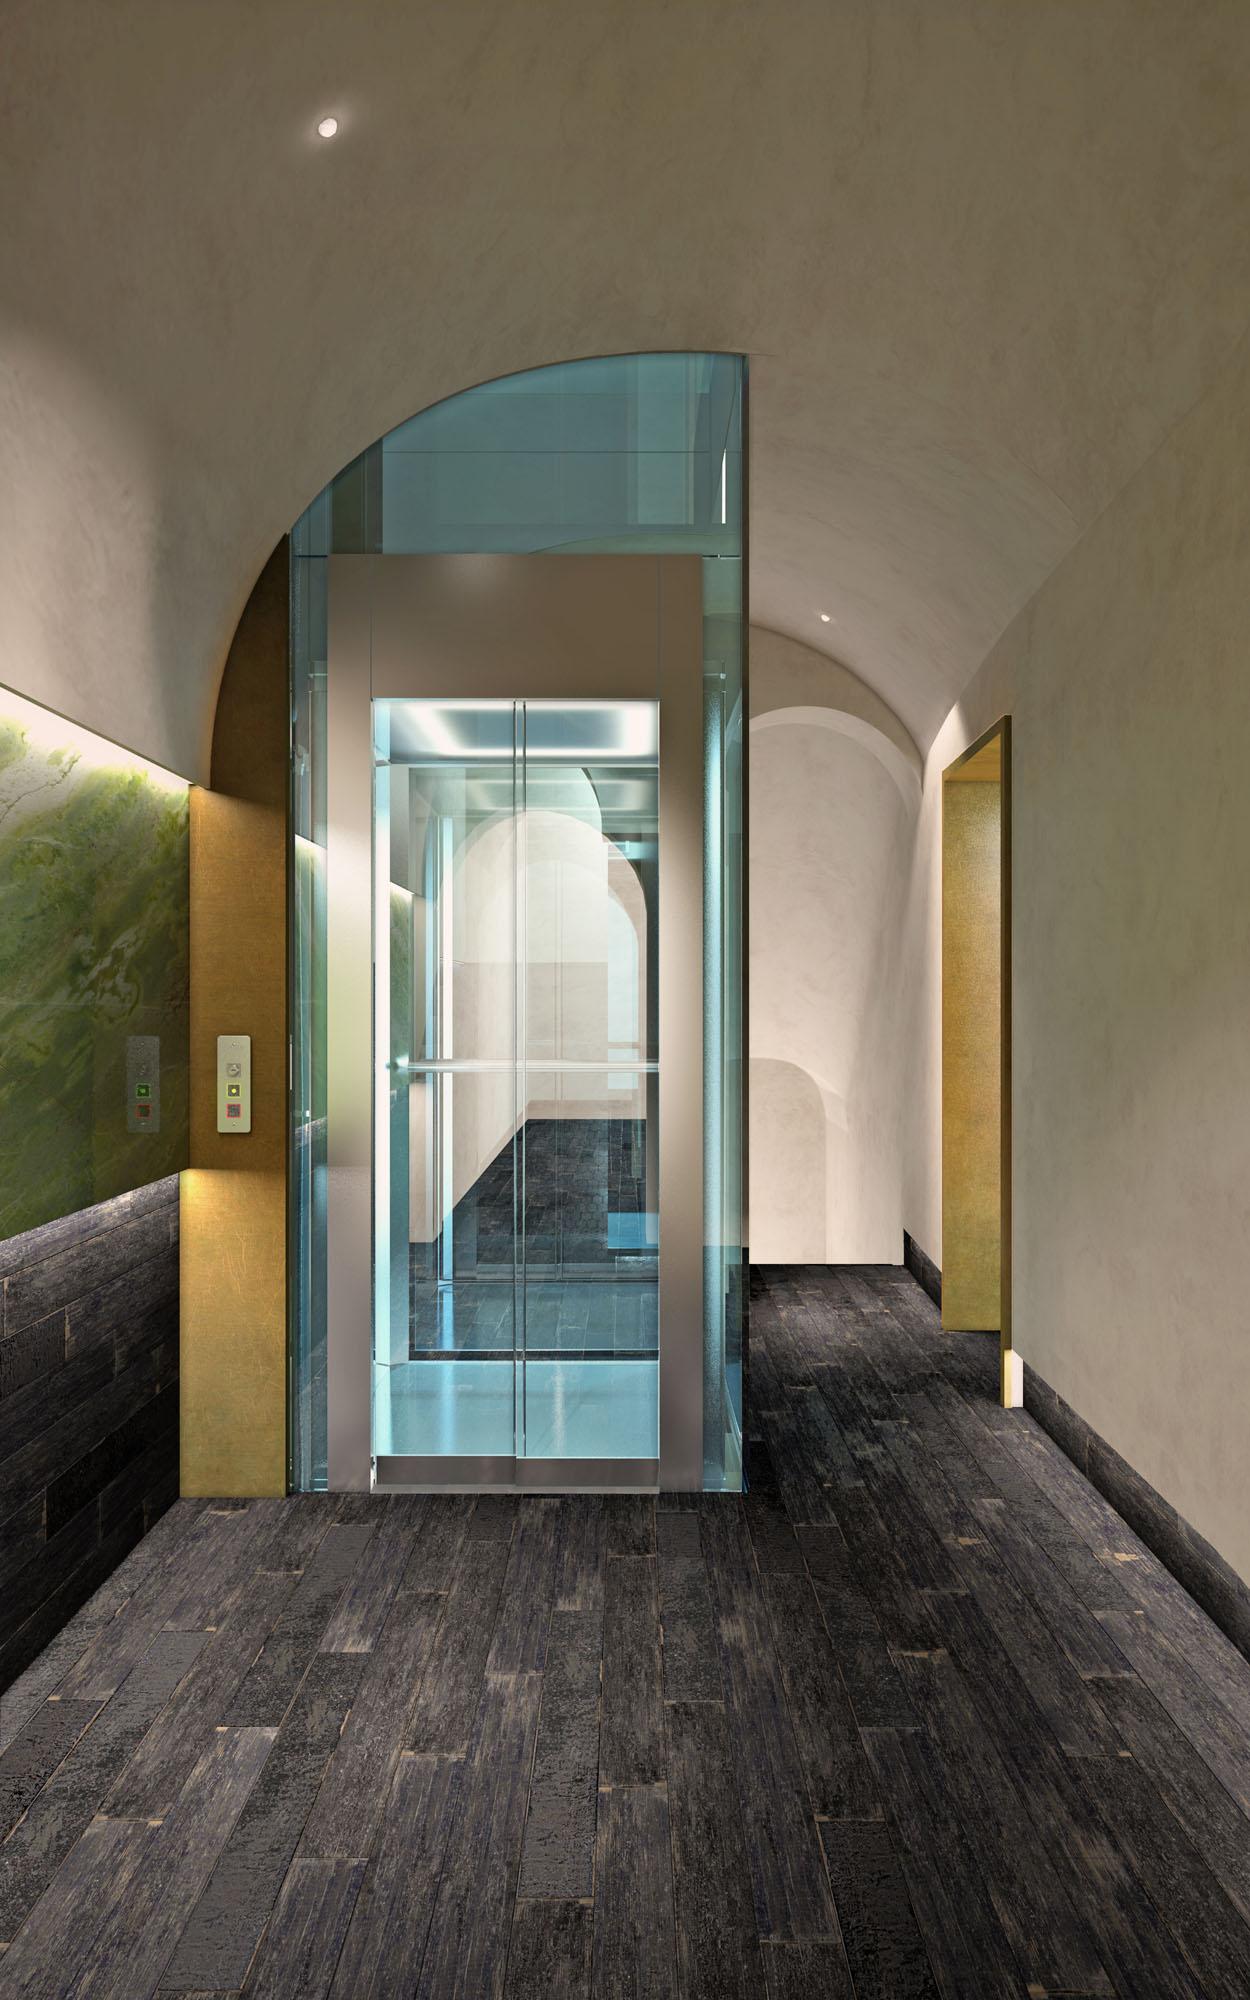 sperastudio_boutique hotel (4)